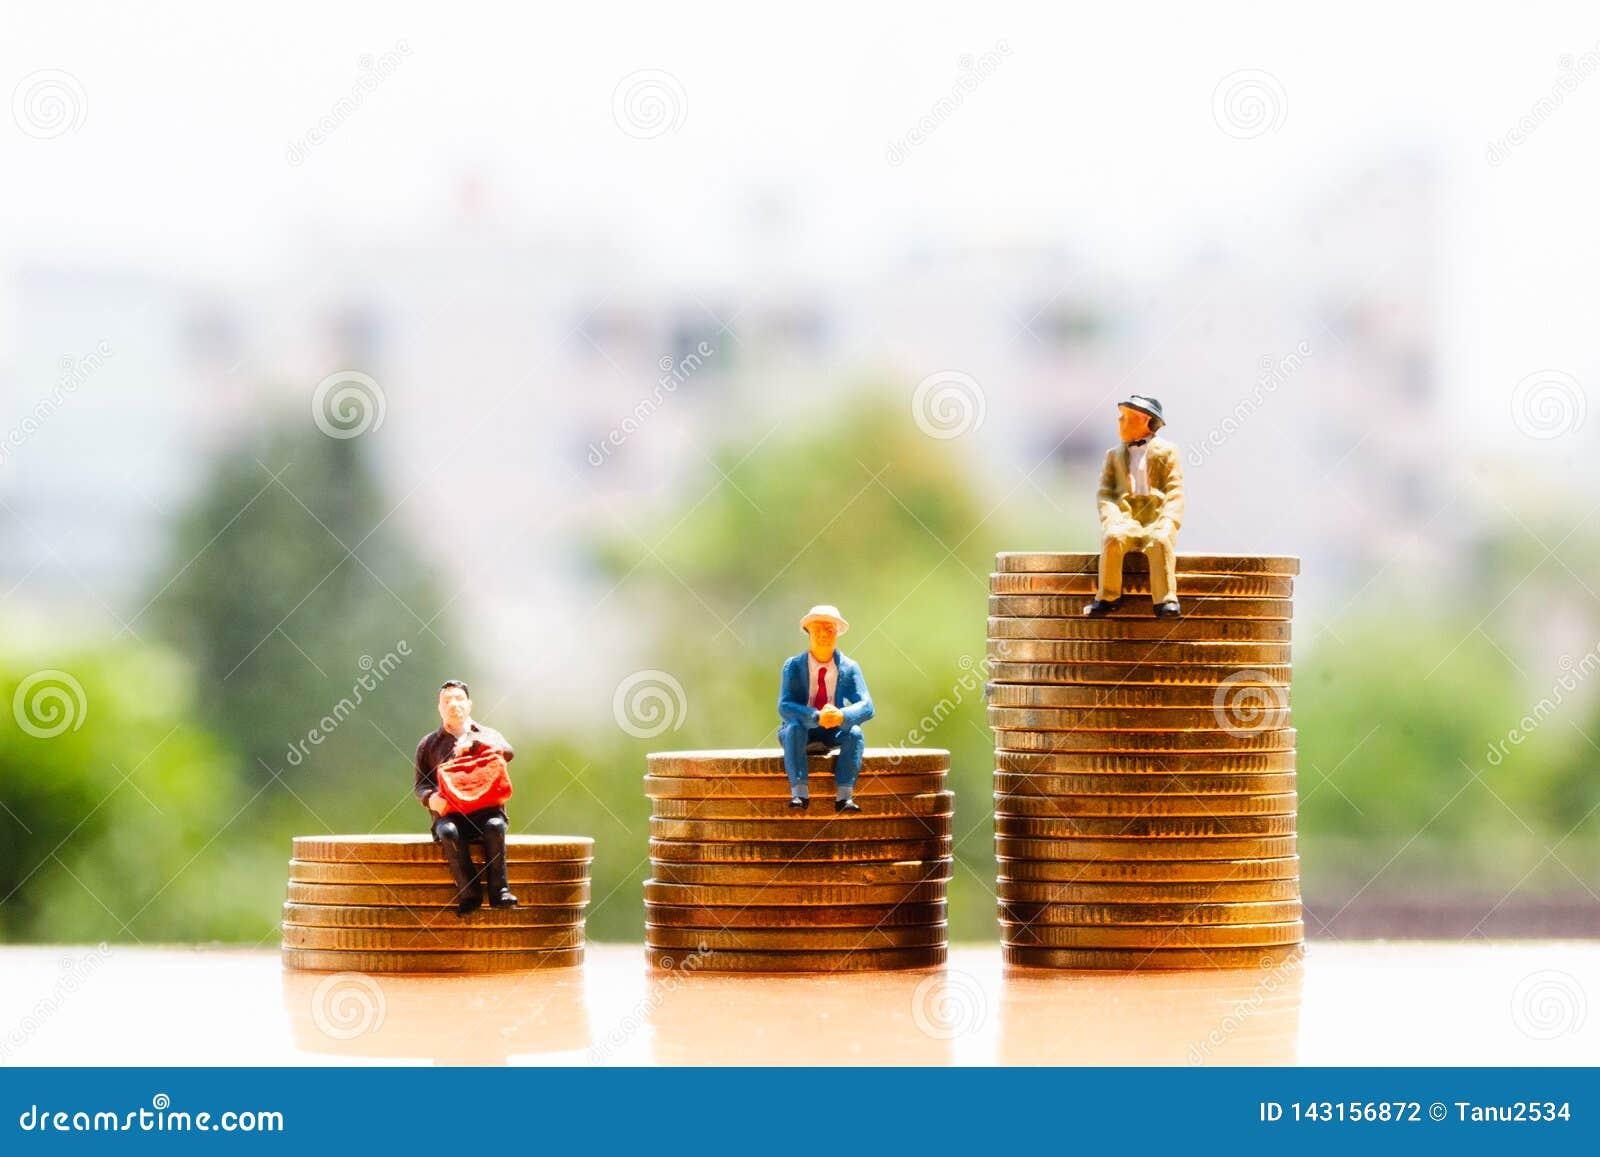 Νομίσματα και ηλικιωμένοι άνθρωποι στο υπόβαθρο φύσης  αποταμίευση χρημάτων